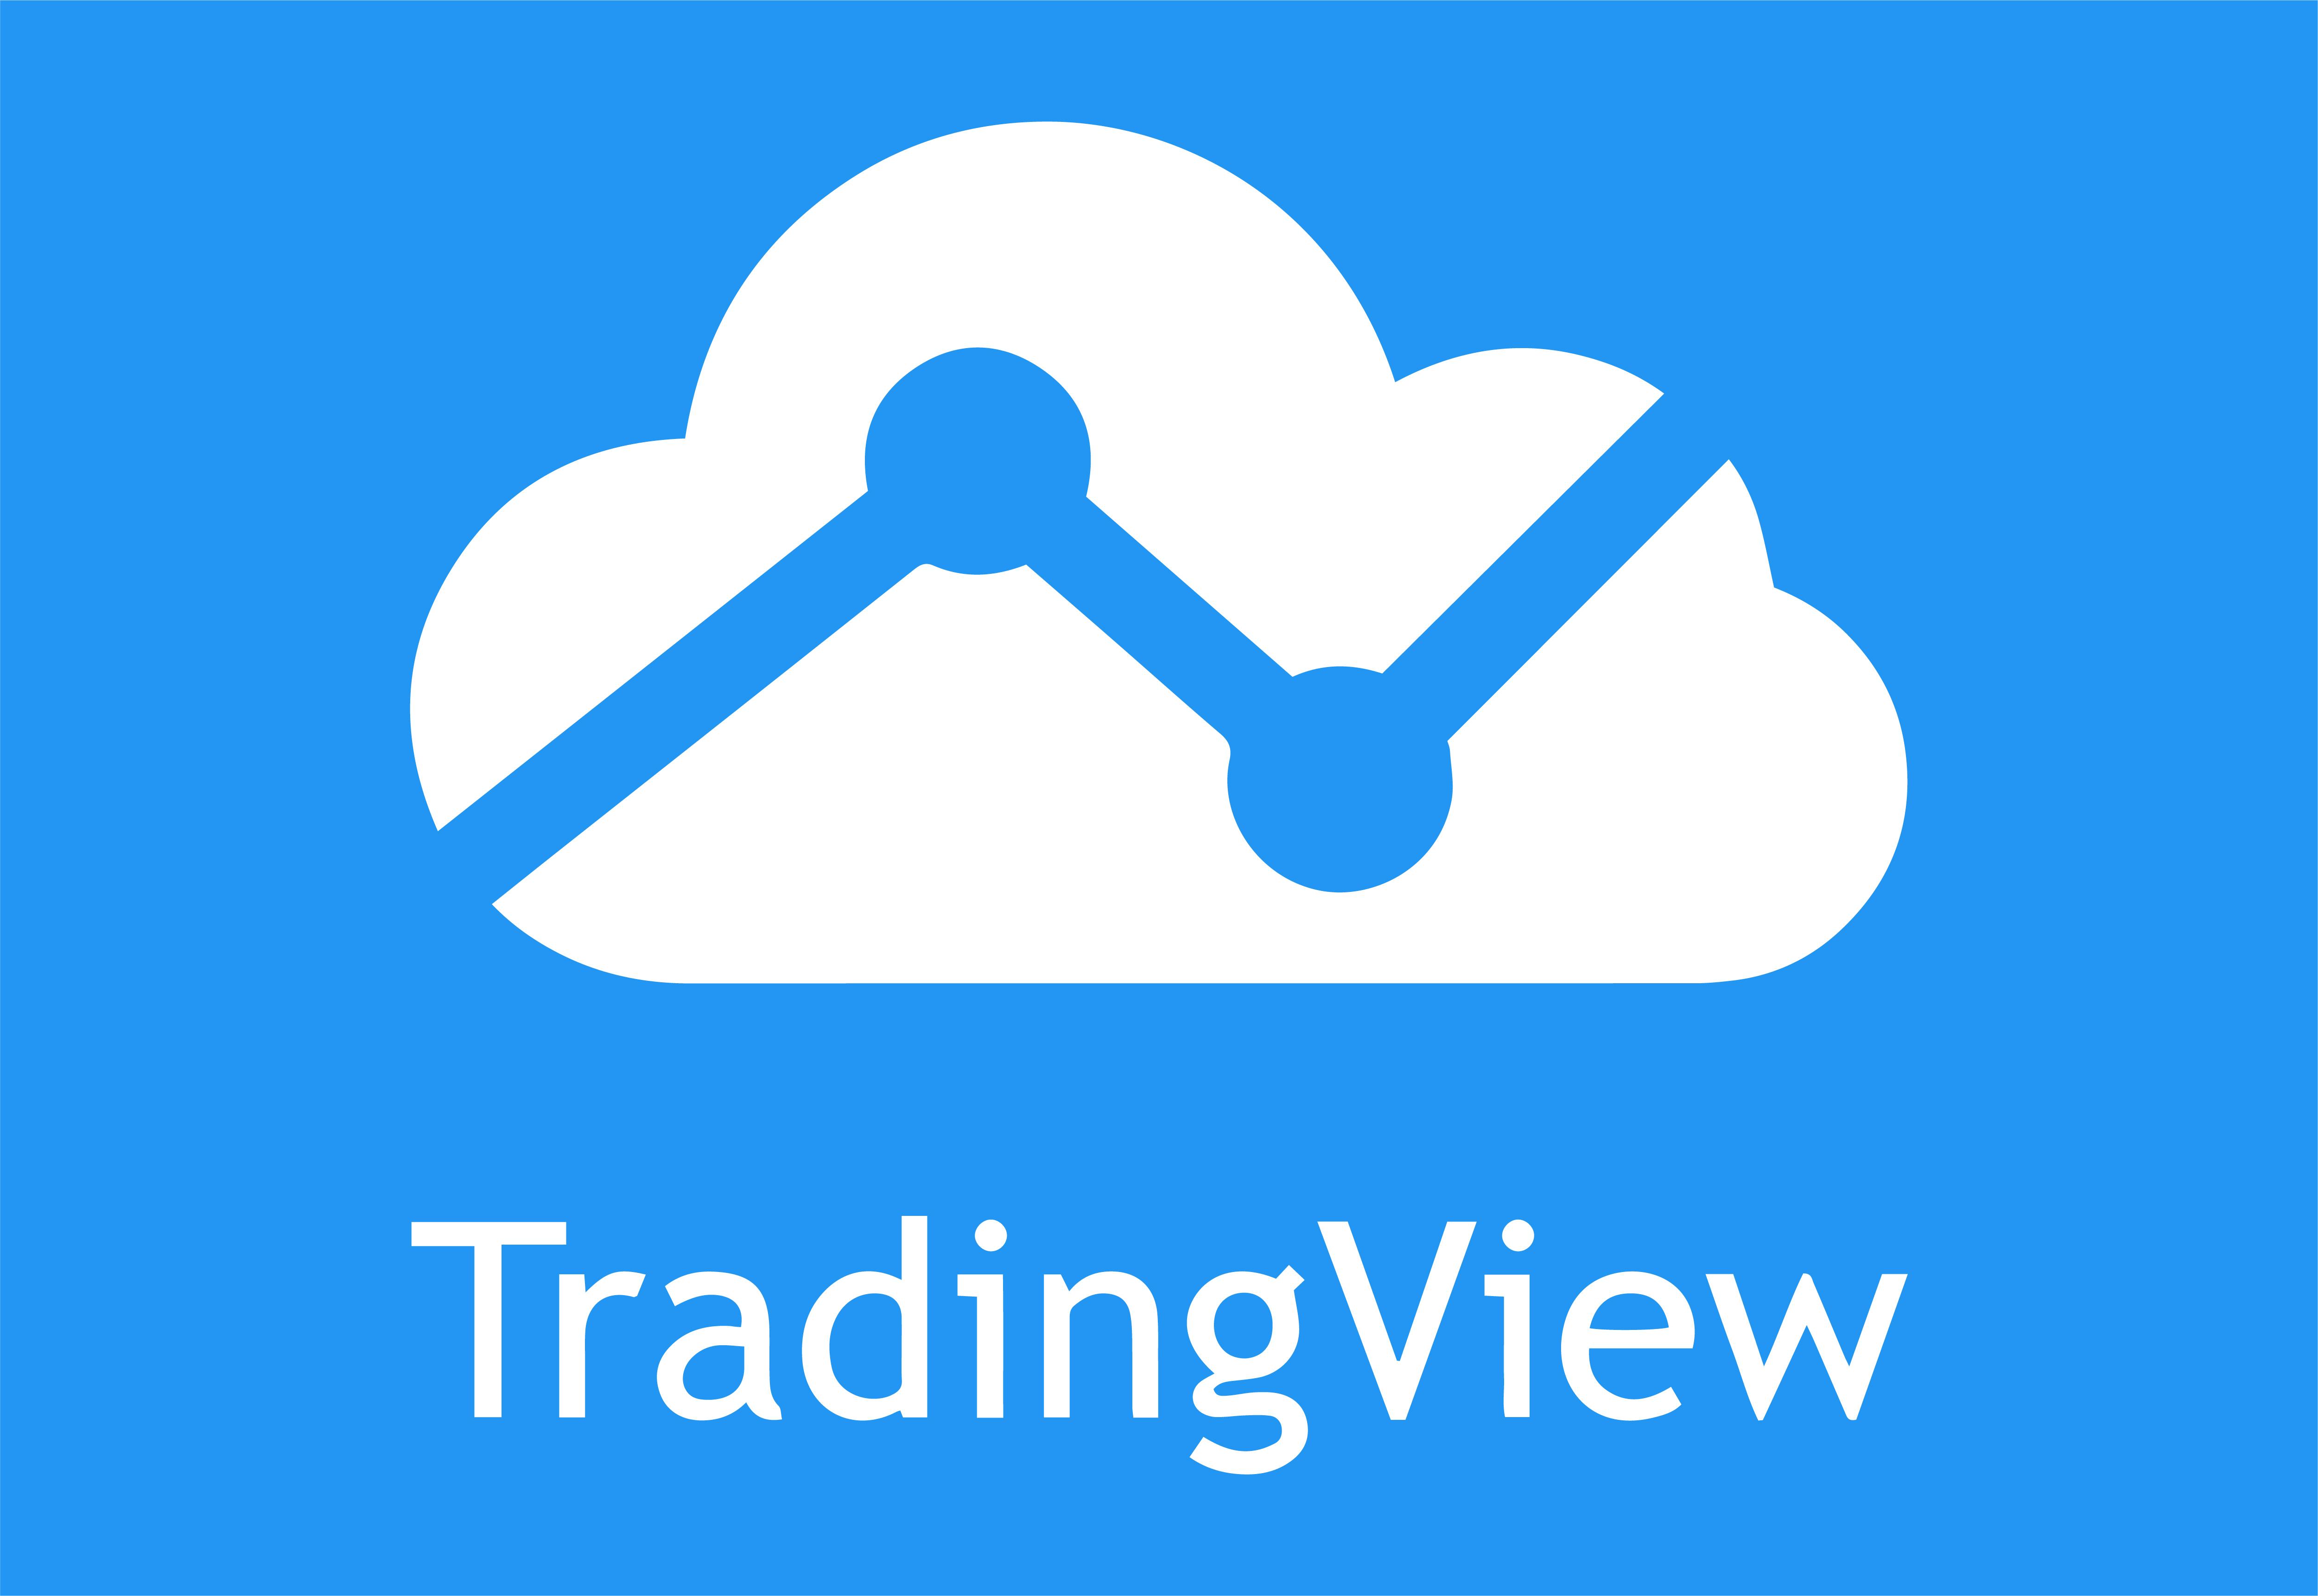 ¿Qué es TradingView?